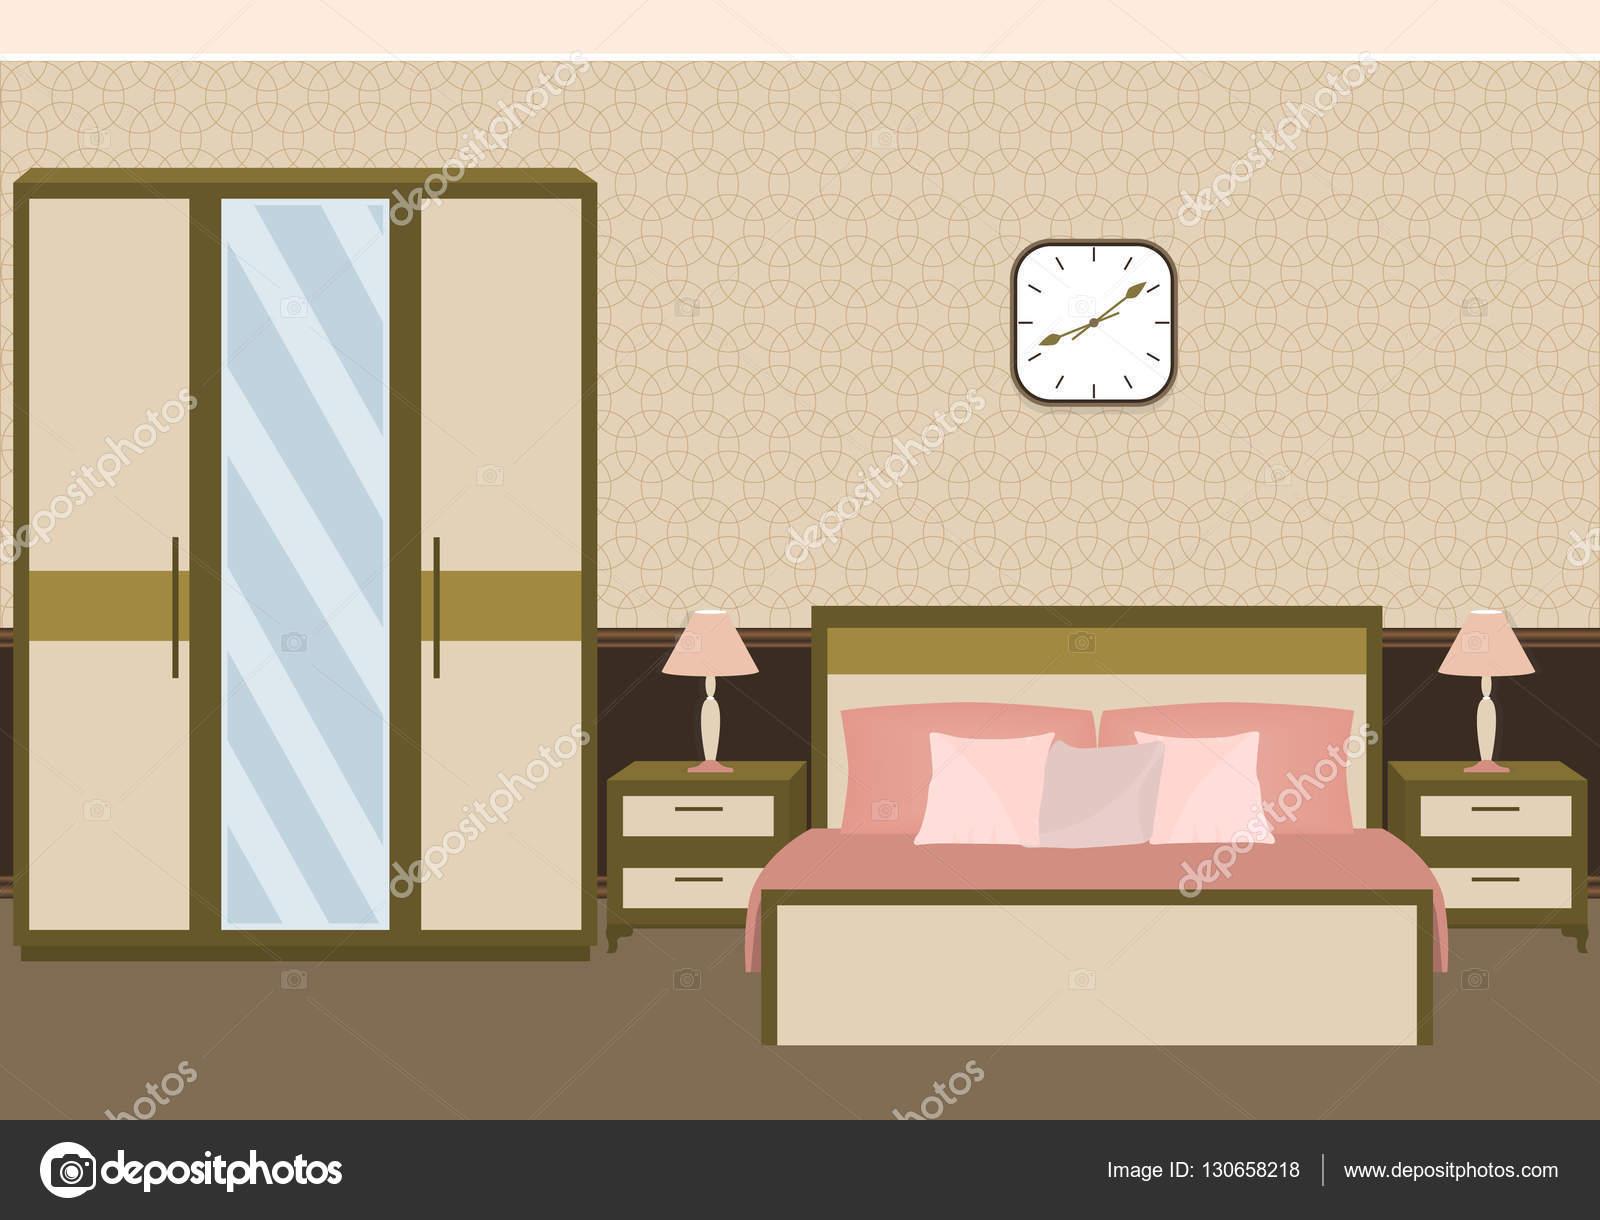 Colori Pastello Per Camera Da Letto : Interno camera da letto in colori pastello con mobili u vettoriali